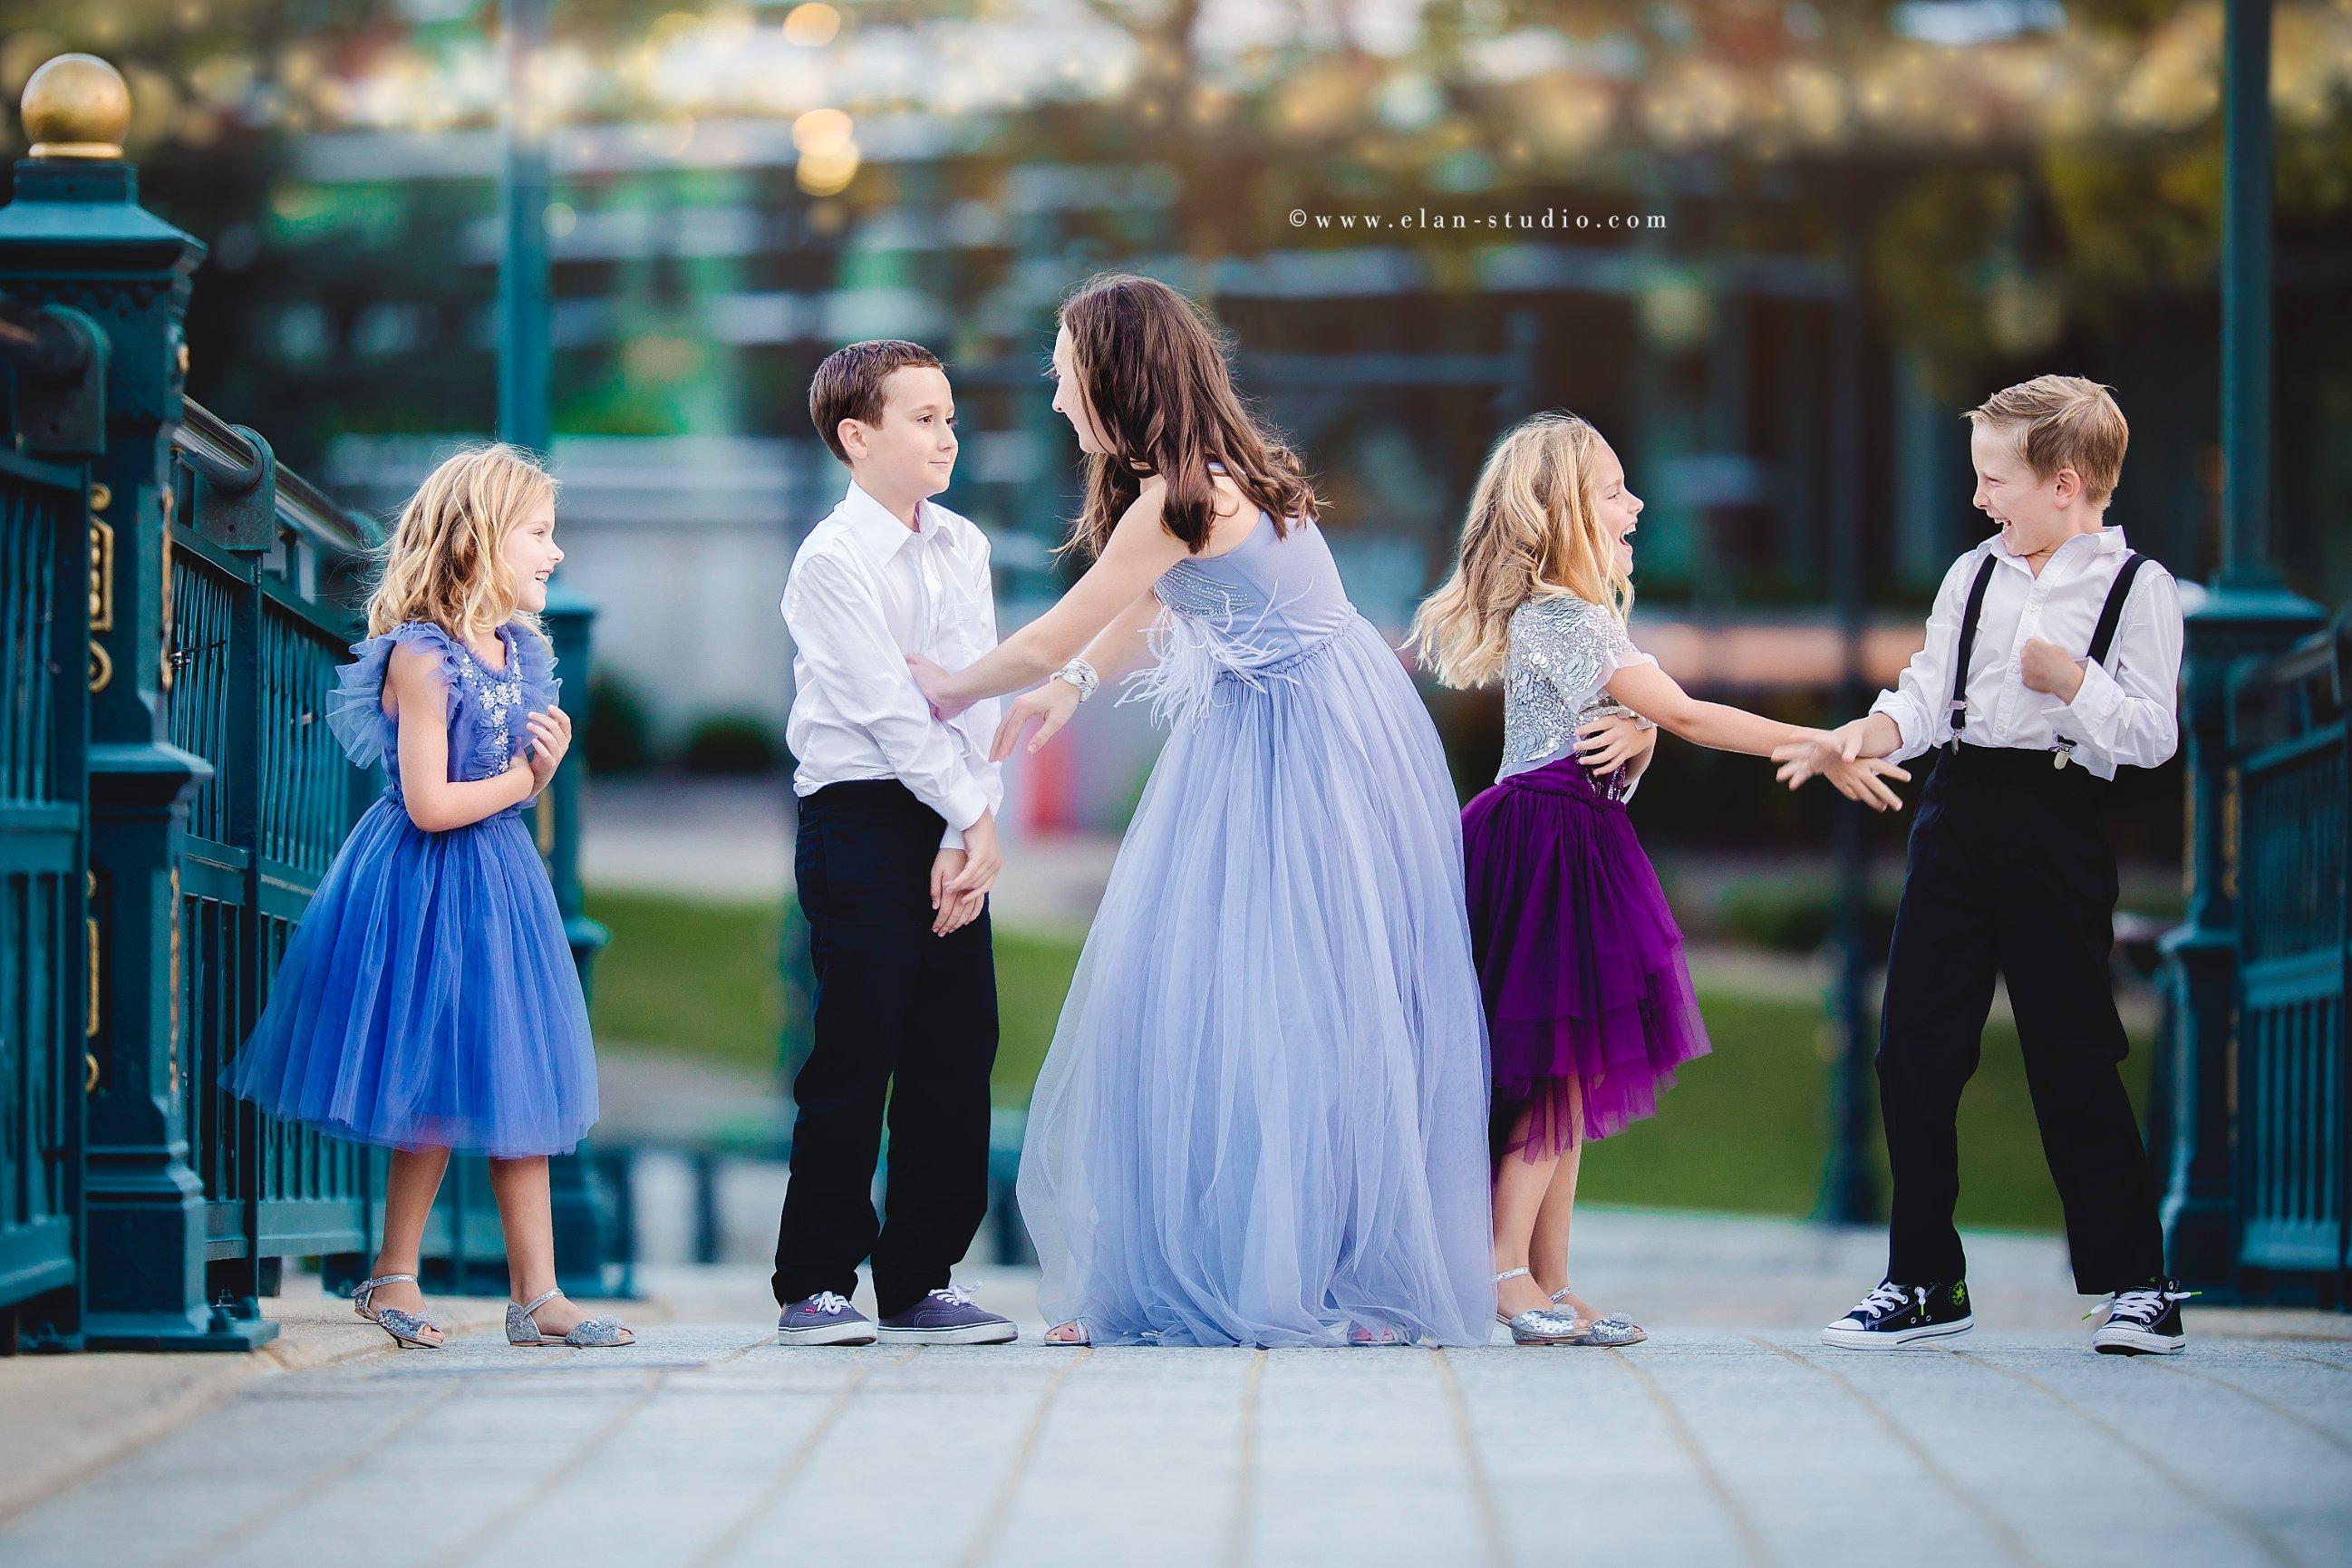 five siblings in formalwear at dusk